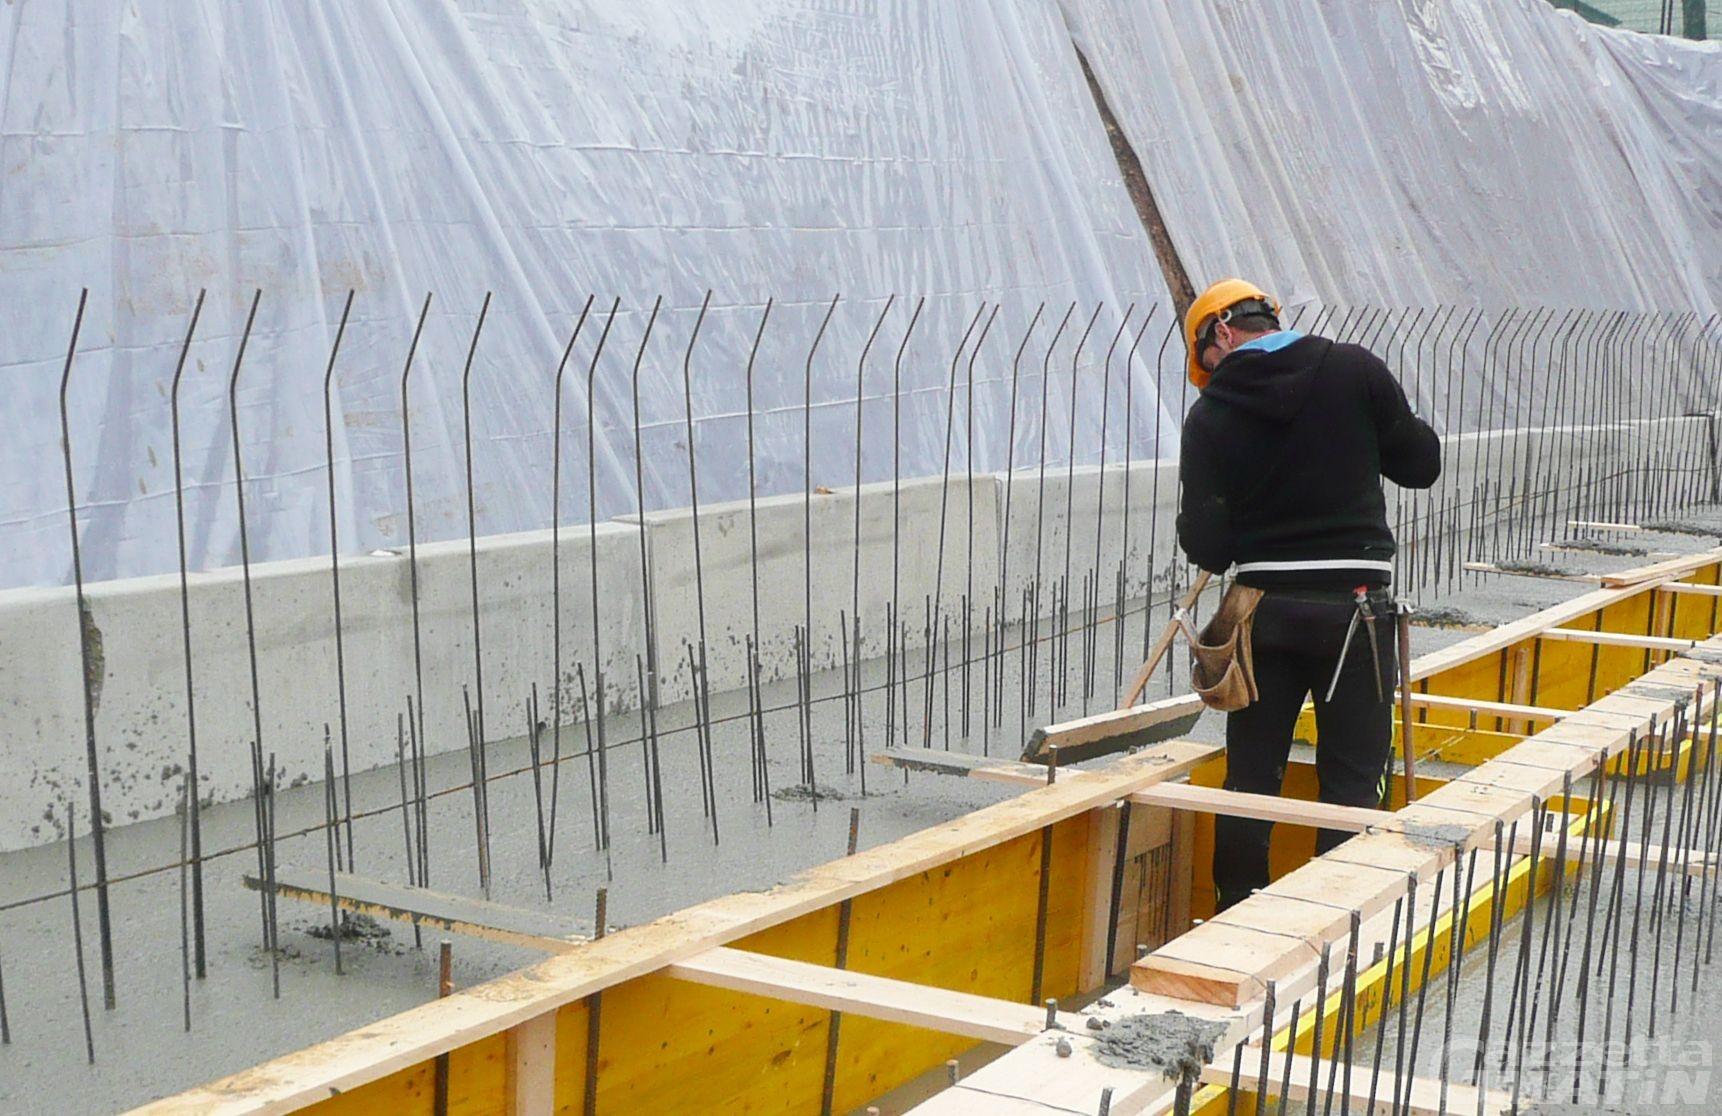 Fase 3 Valle d'Aosta, imprese in crisi: in autunno una su due non investirà, rischio licenziamenti